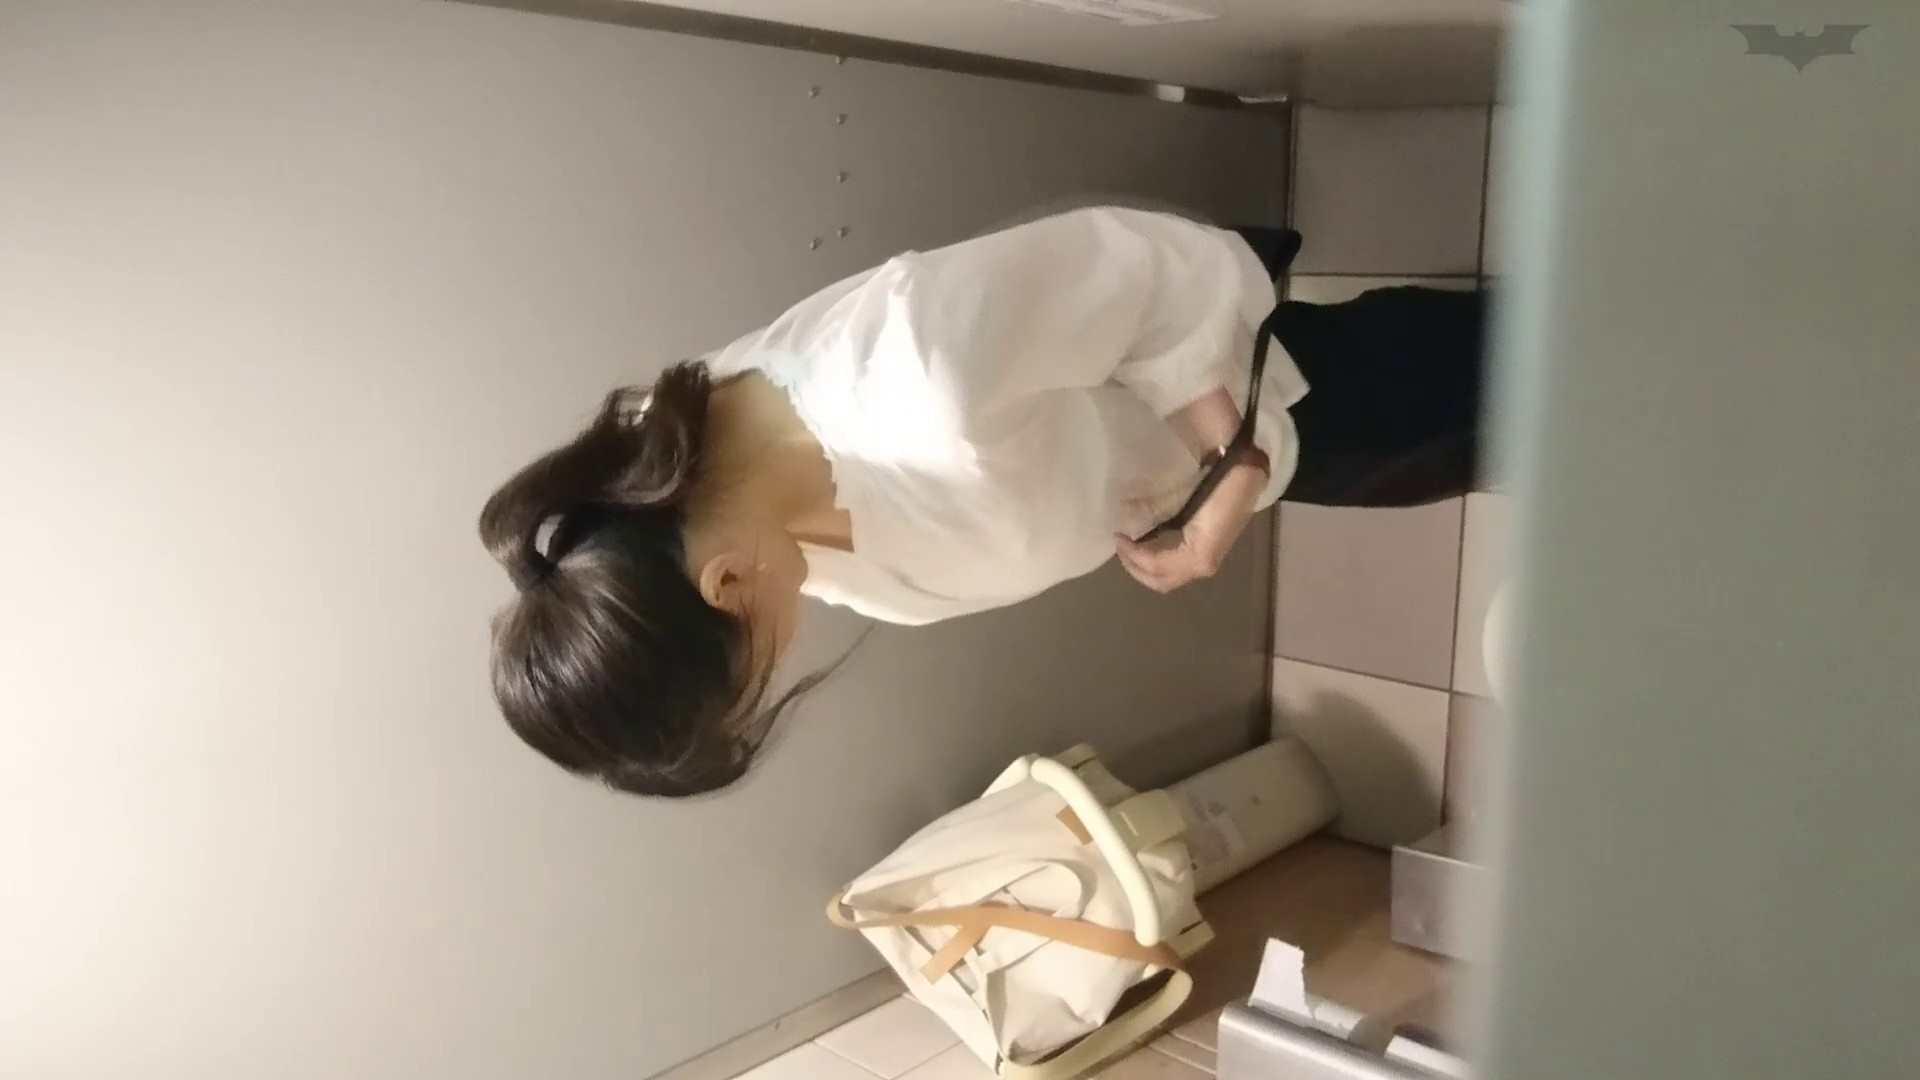 化粧室絵巻 ショッピングモール編 VOL.22 OL | 0  79連発 34